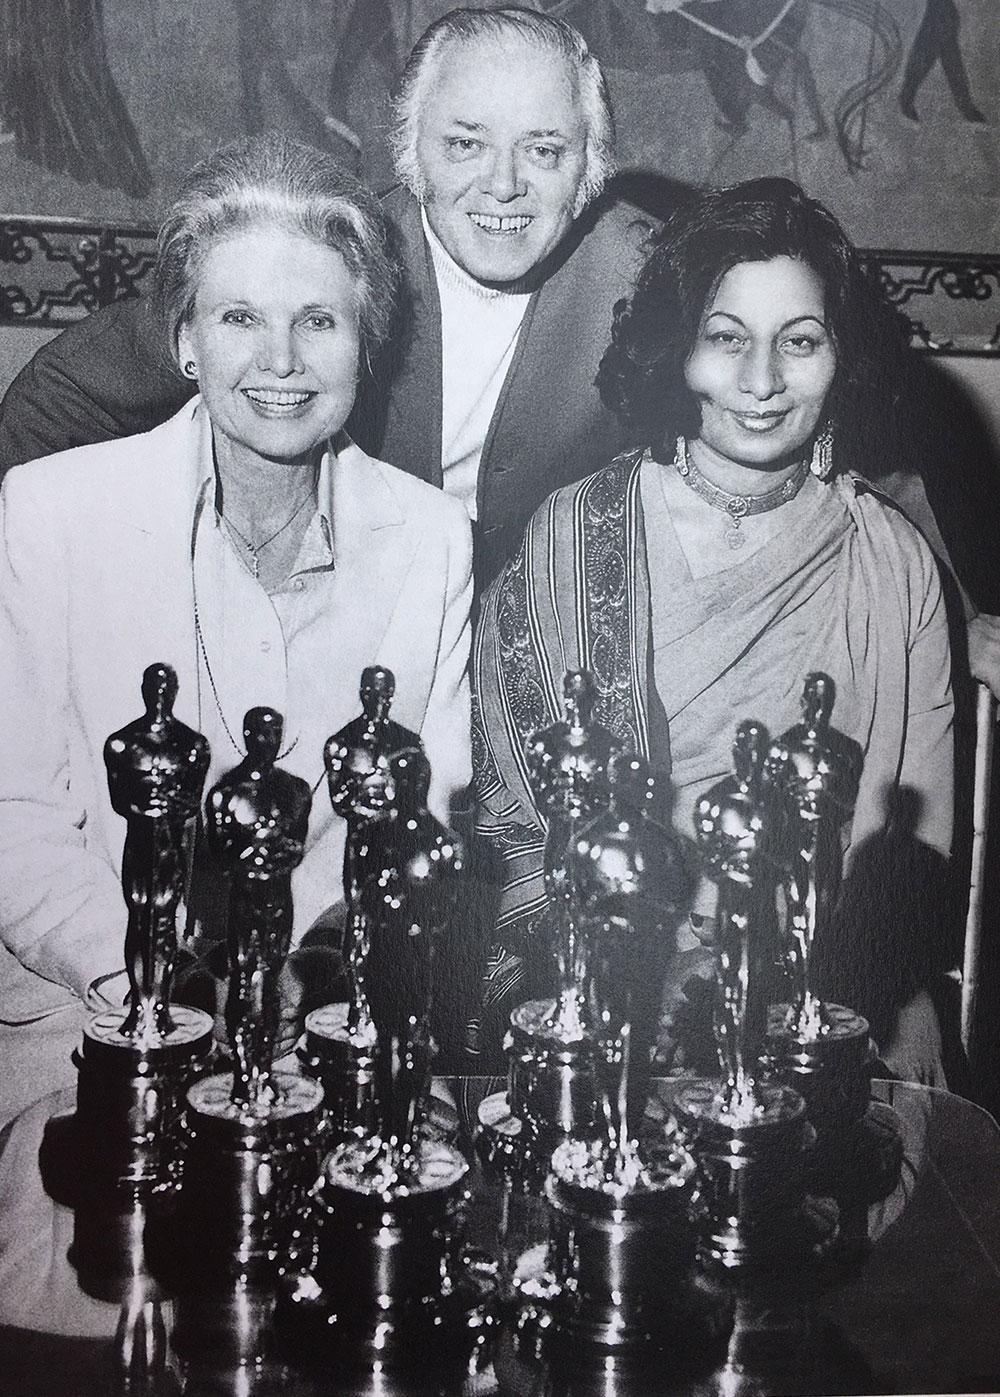 Bhanu Athaiya, who won the first Oscar Award for India, passed away.